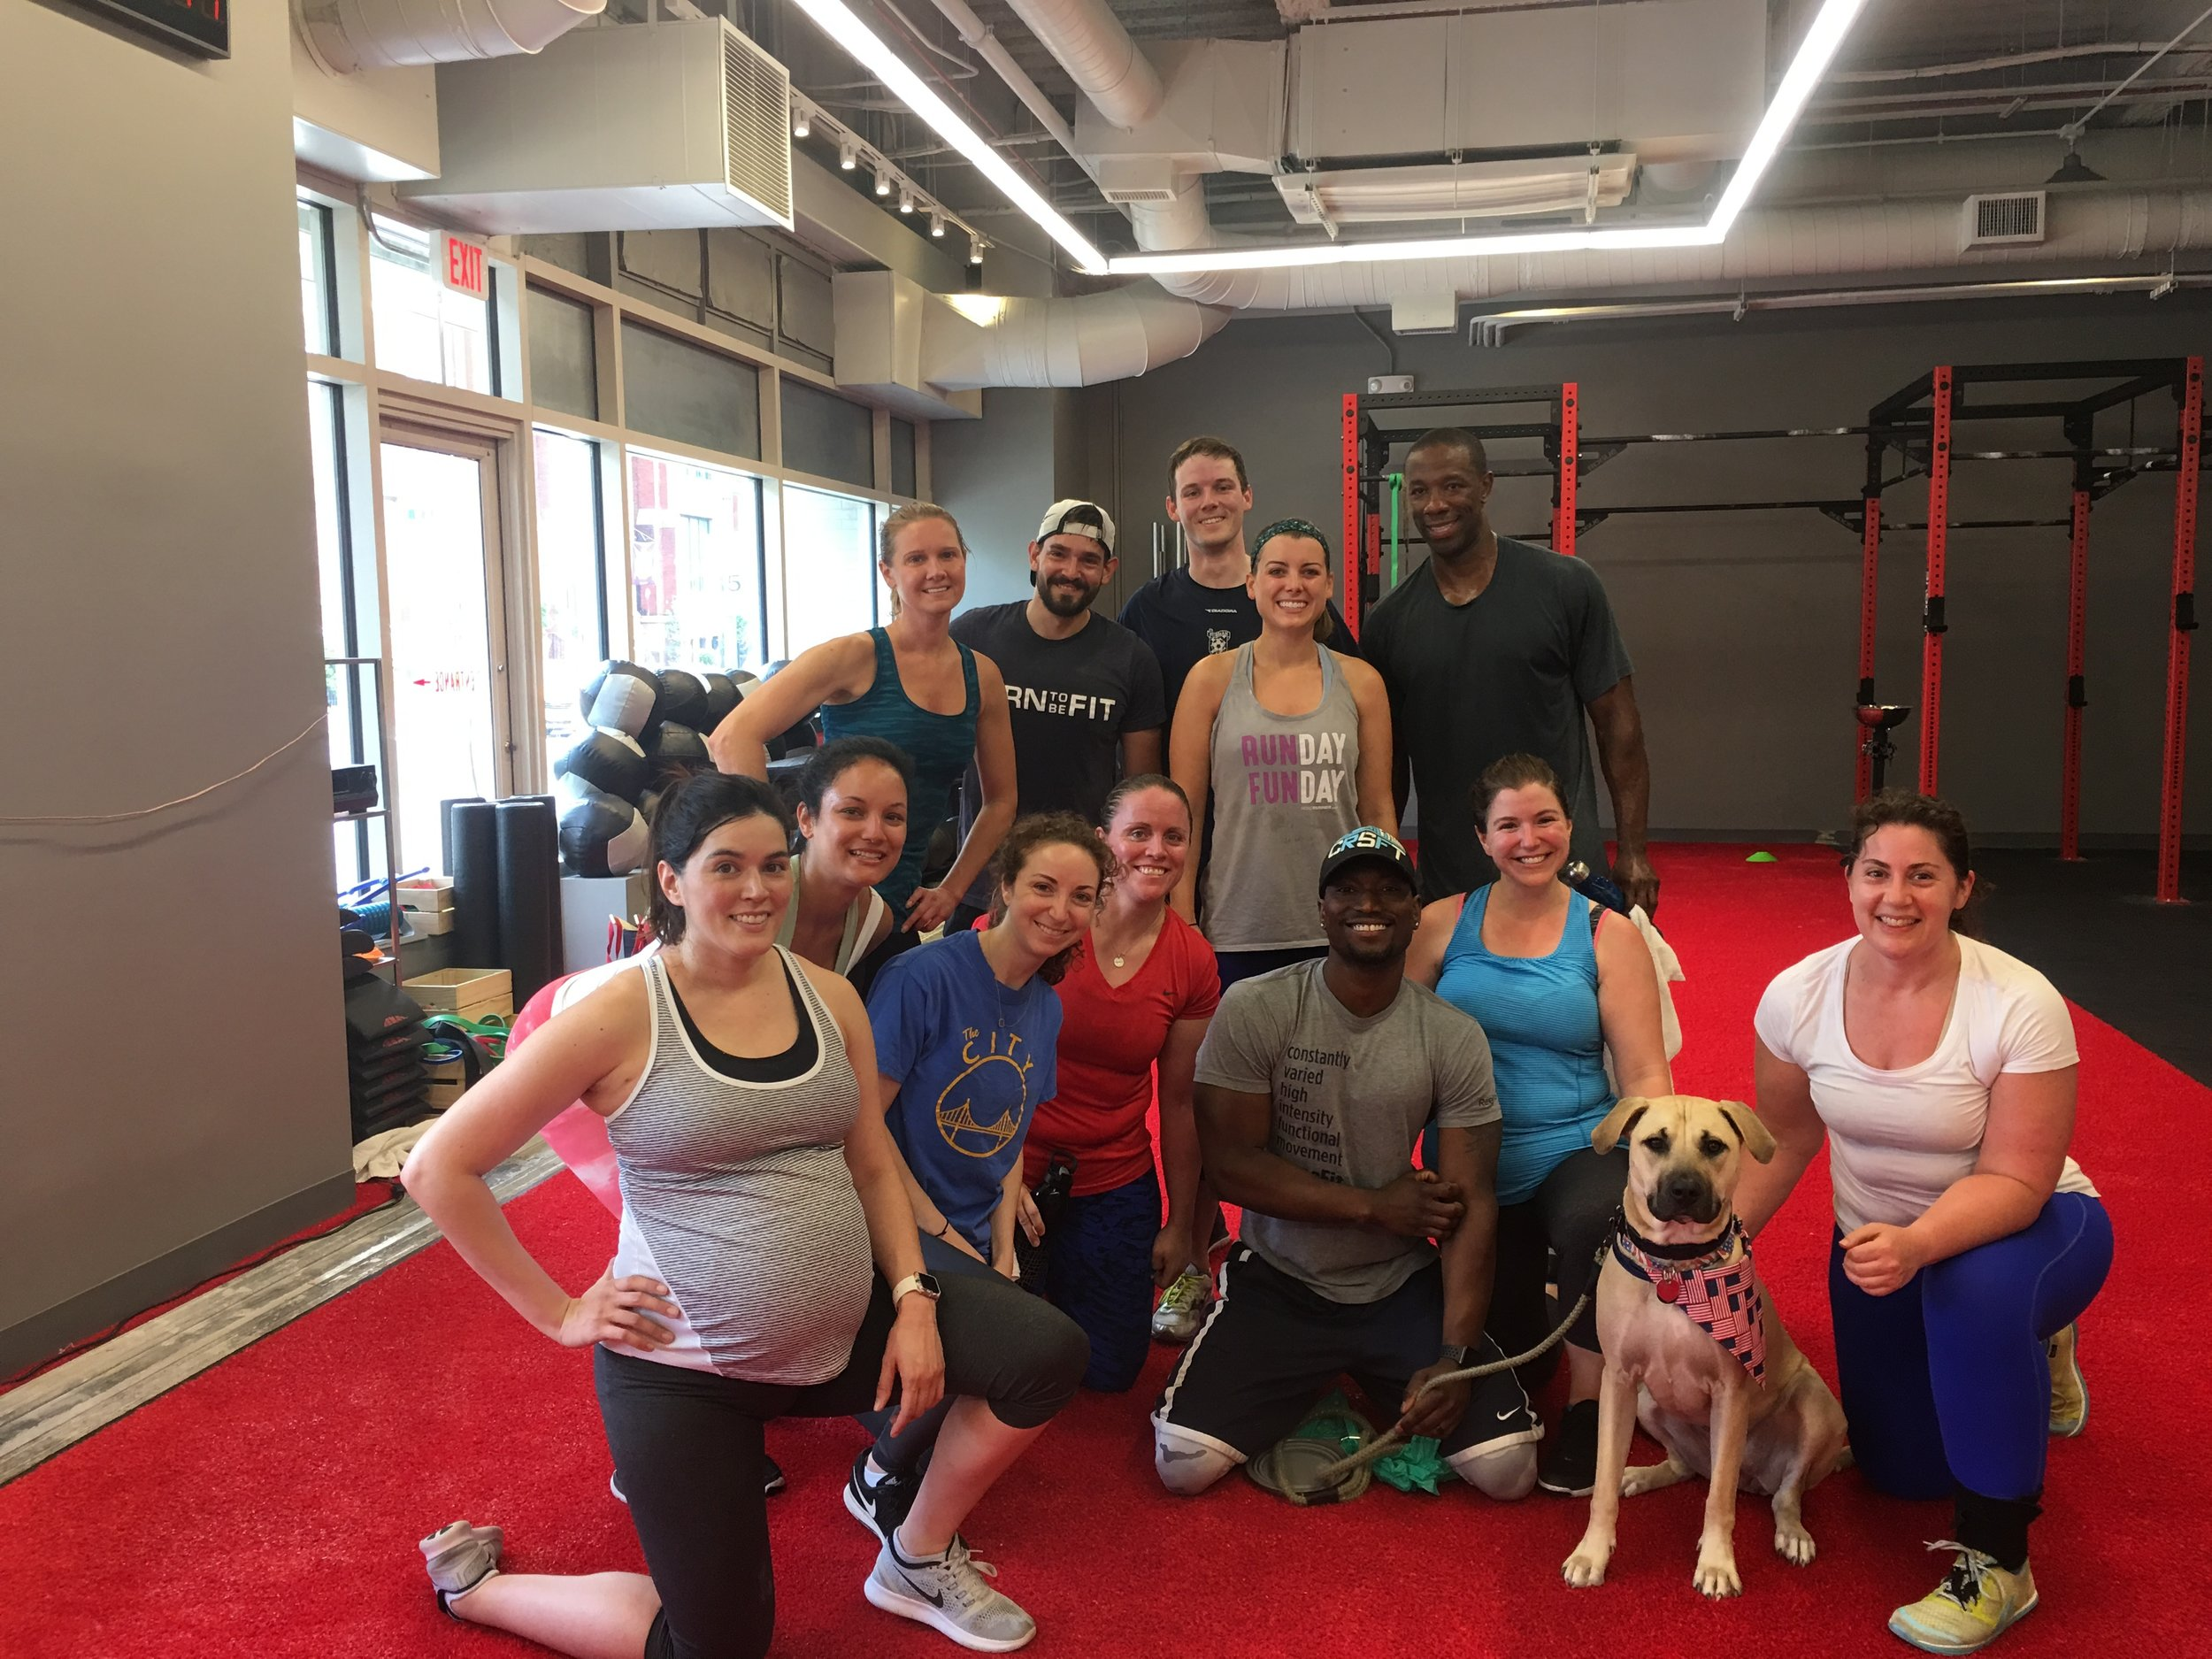 July 4 2017 Workout Shaw